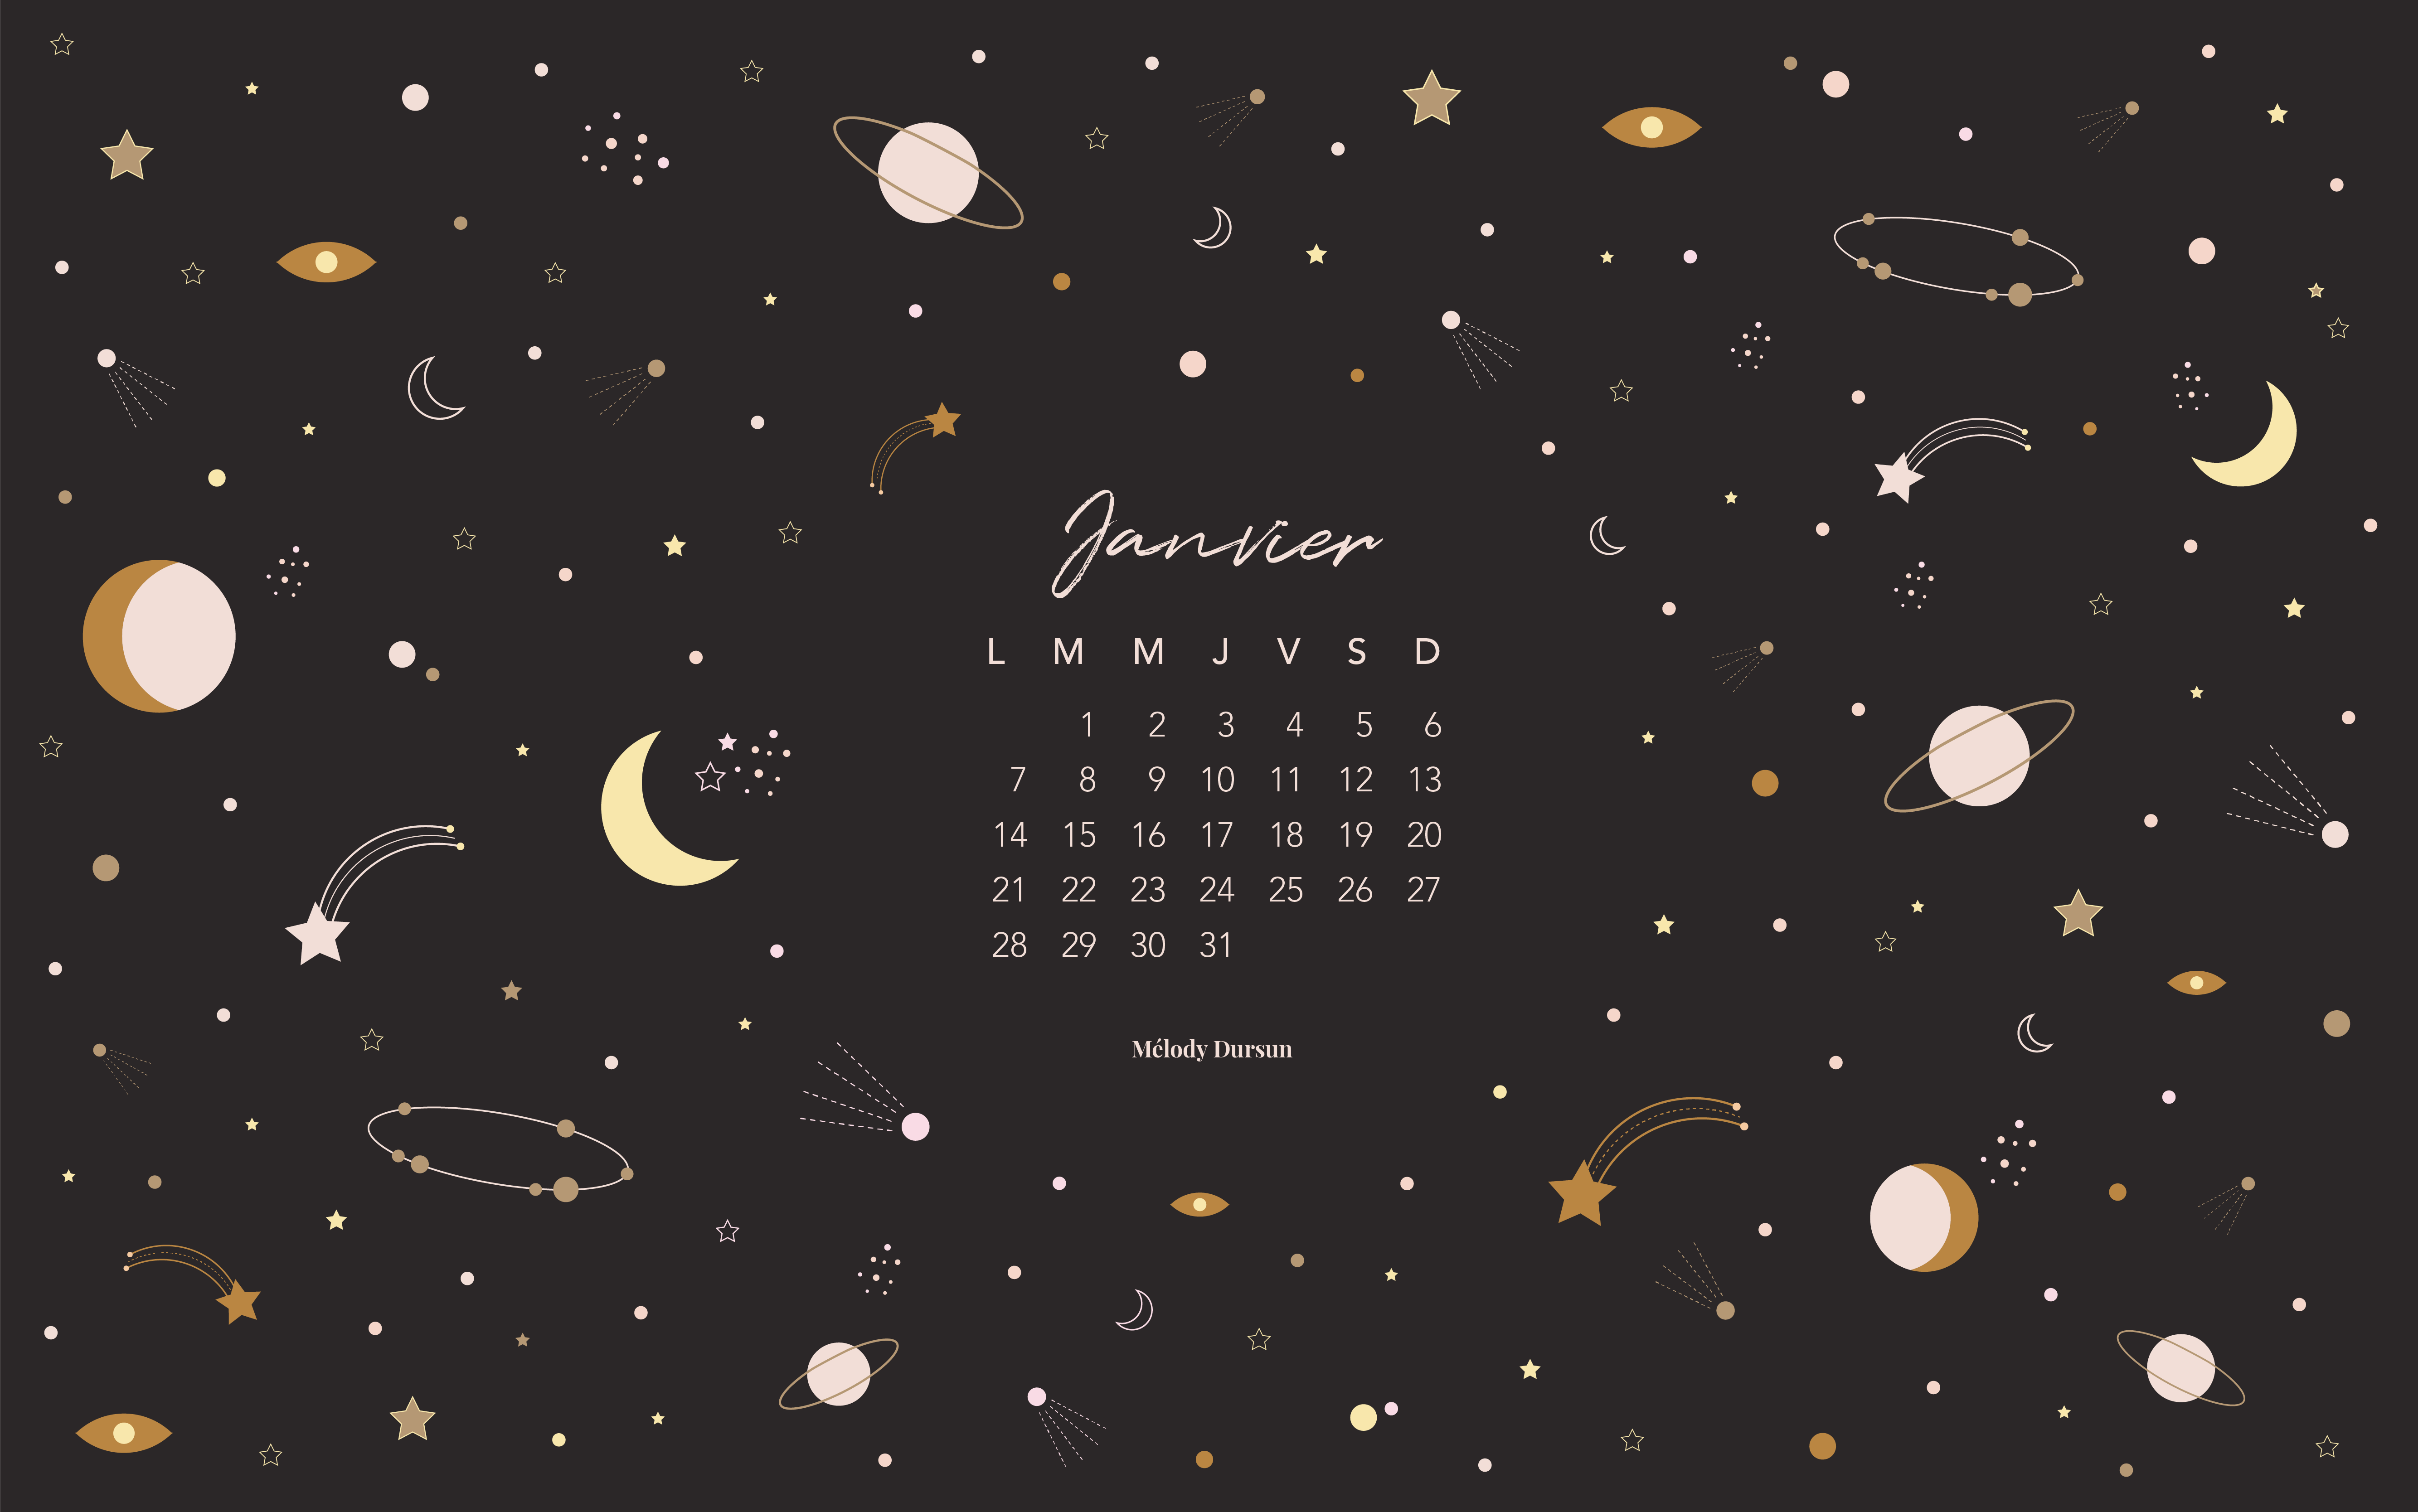 Calendrier & fonds d'écran – Janvier 2019